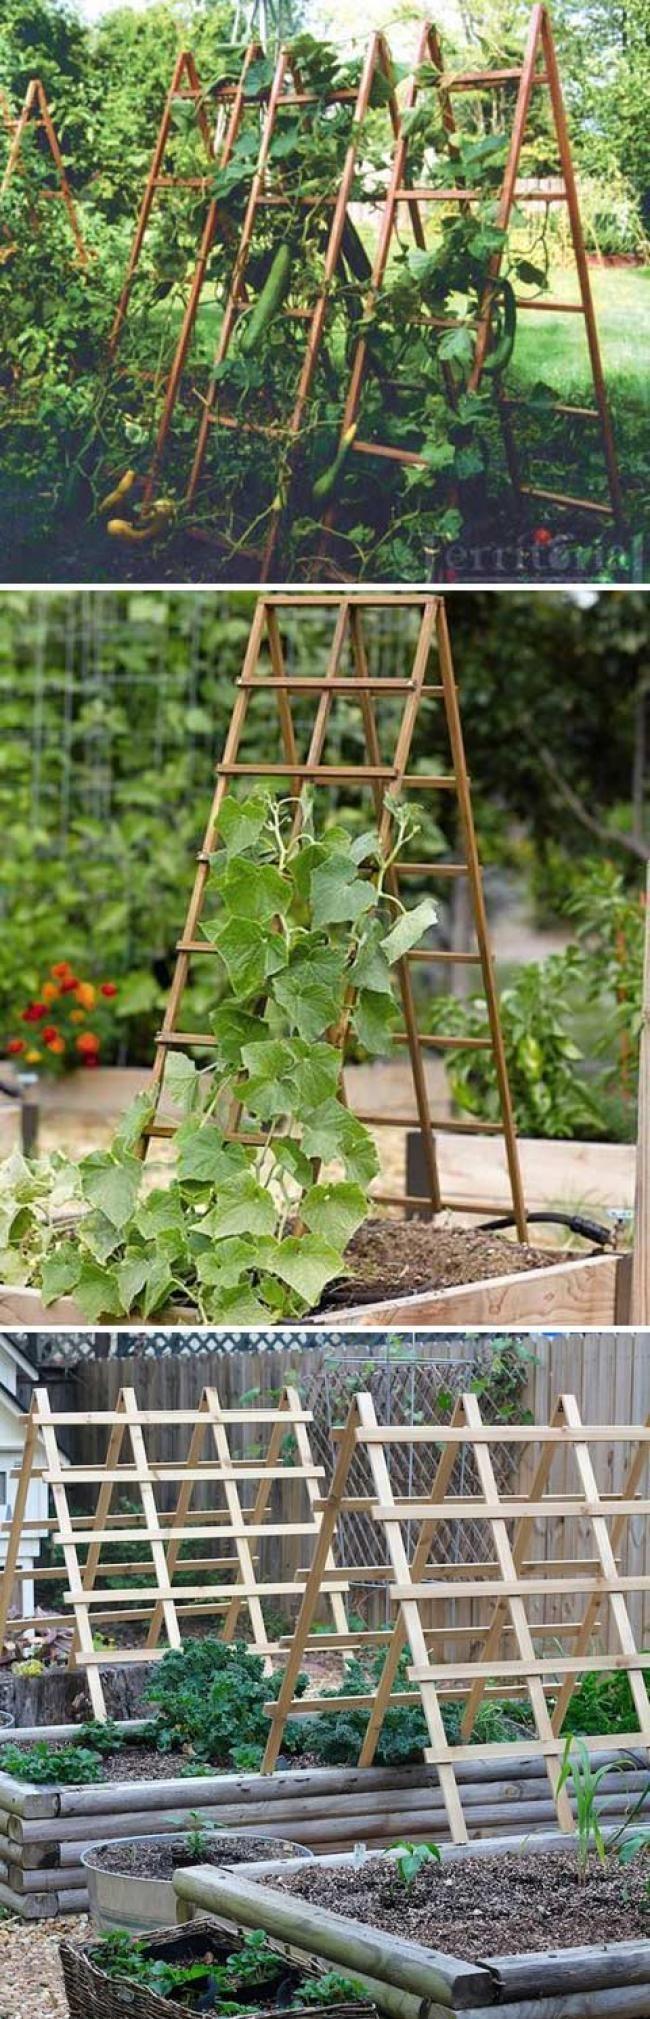 21 Einfache Ideen für den Bau von DIY-Spalieren für Gemüse und Obst